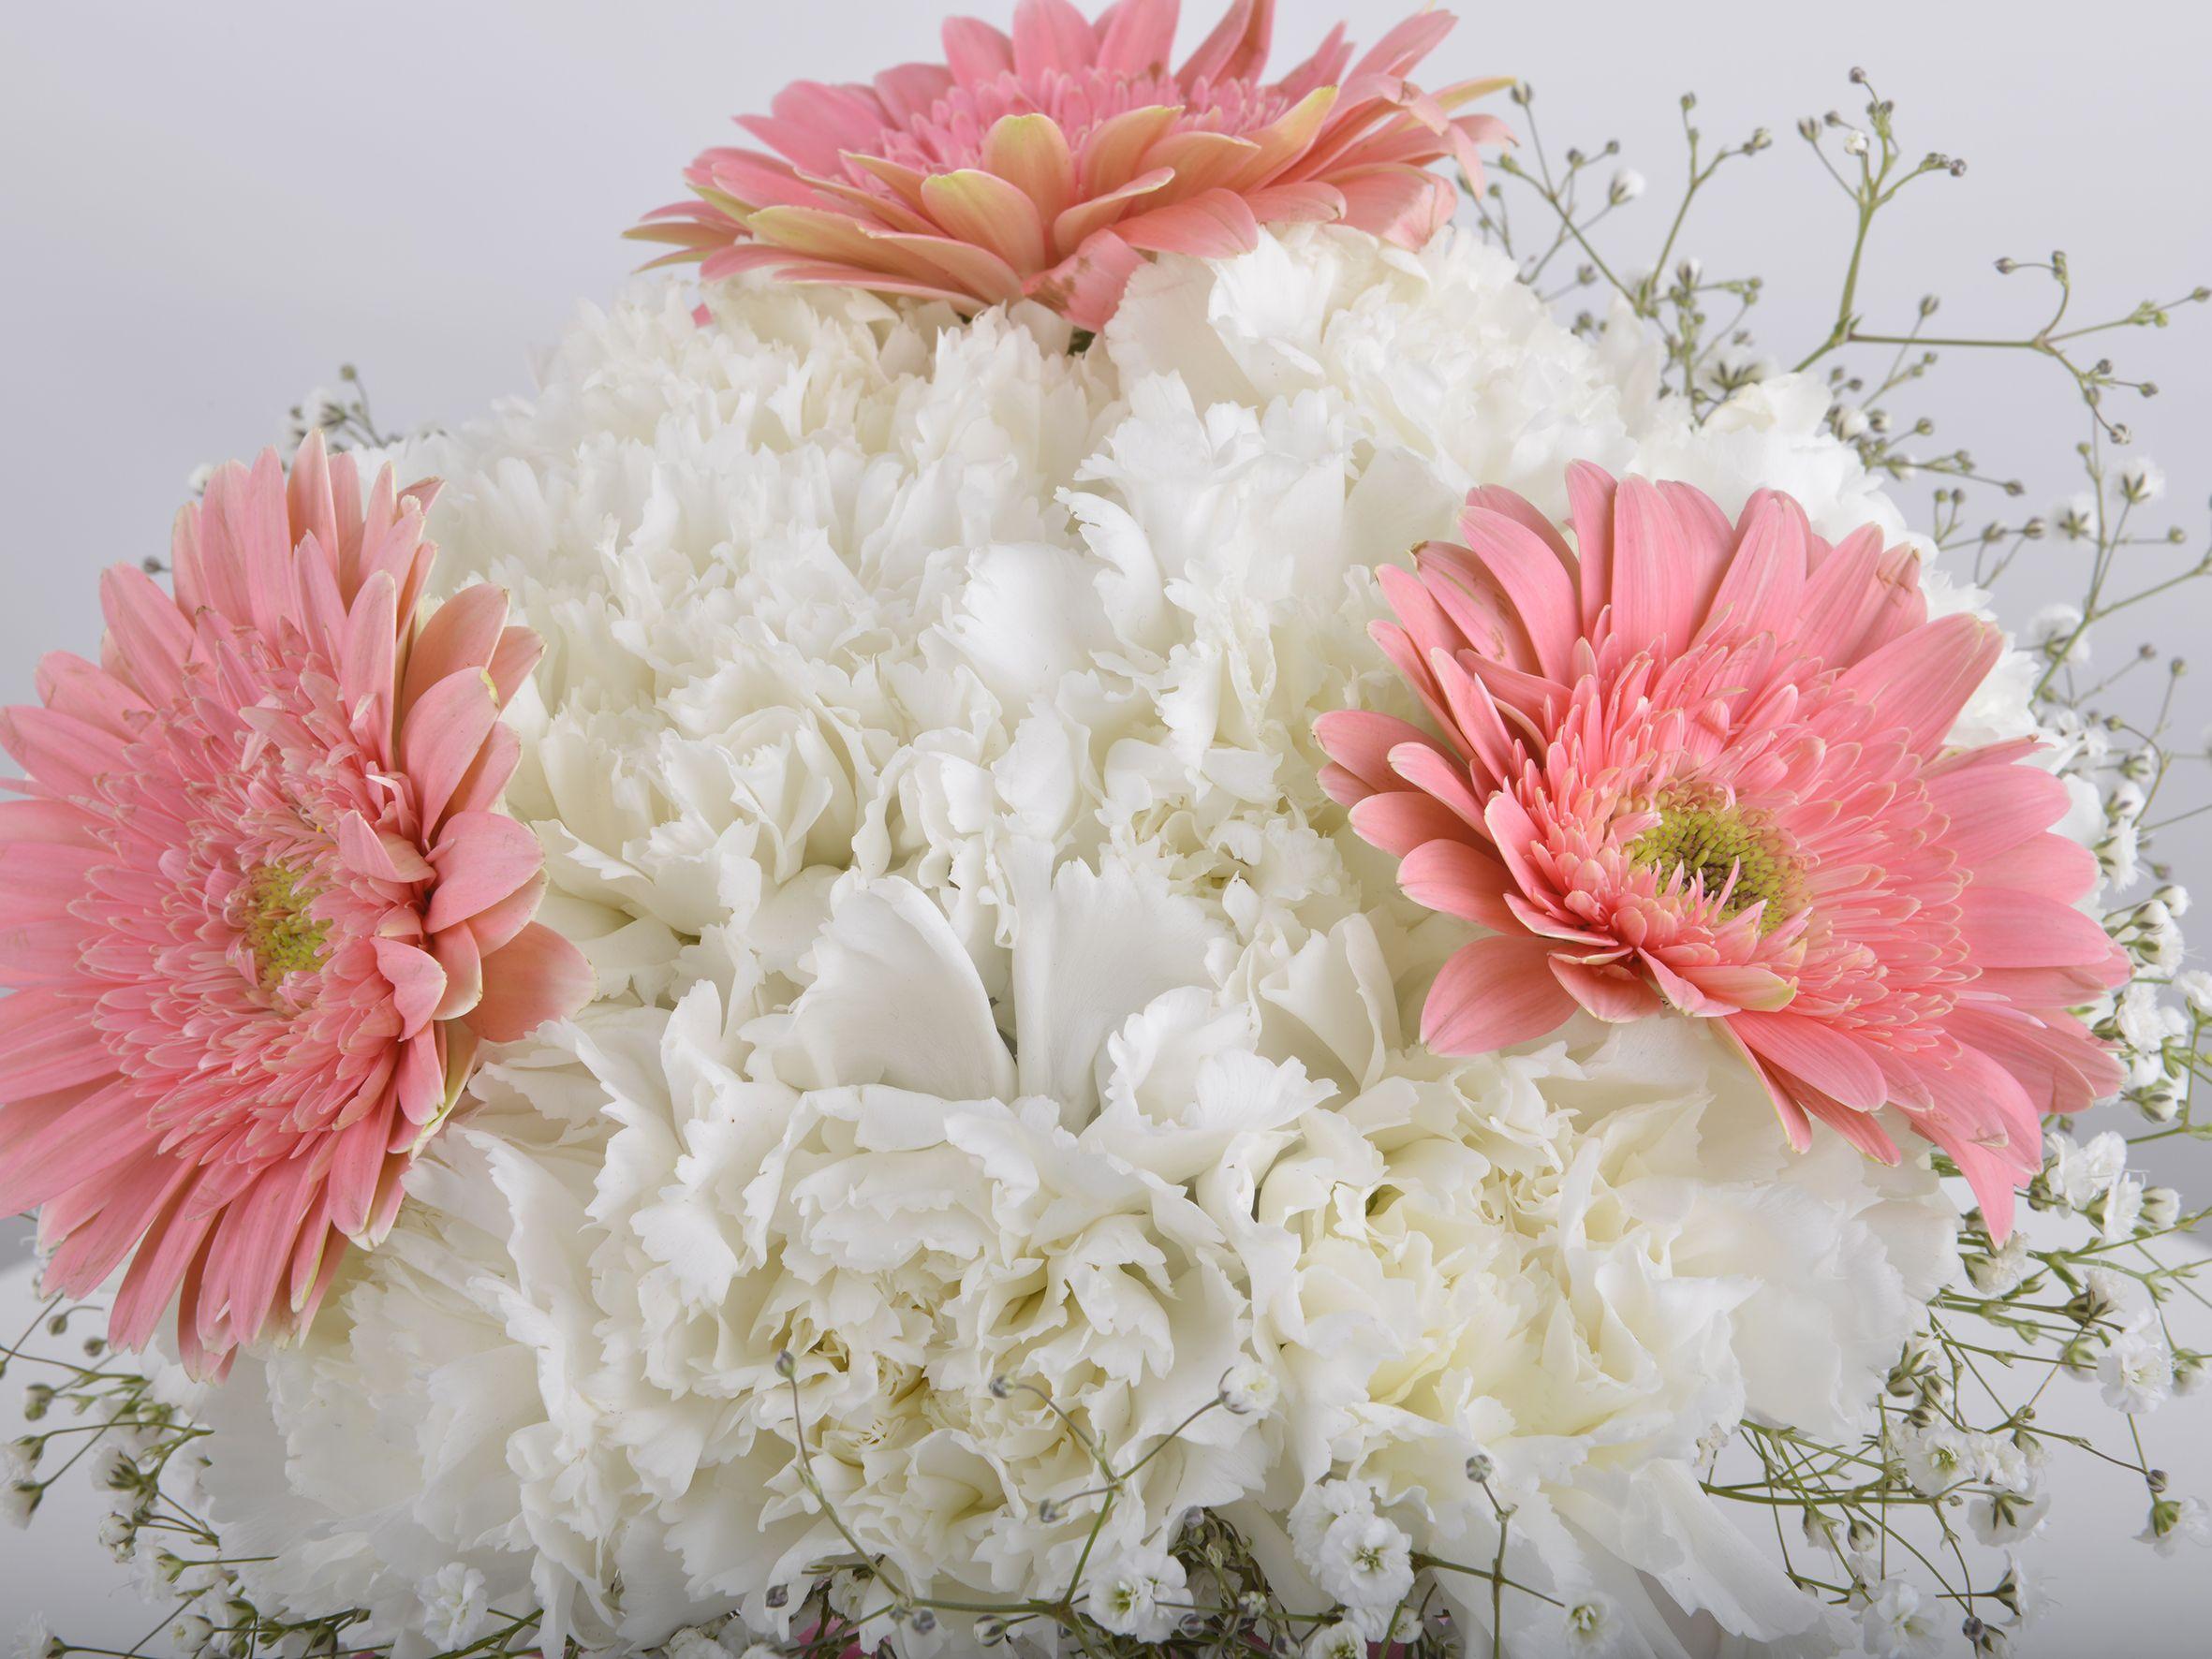 Güzel Şey Seni Sevmek Çiçek Arajmanı Aranjmanlar çiçek gönder